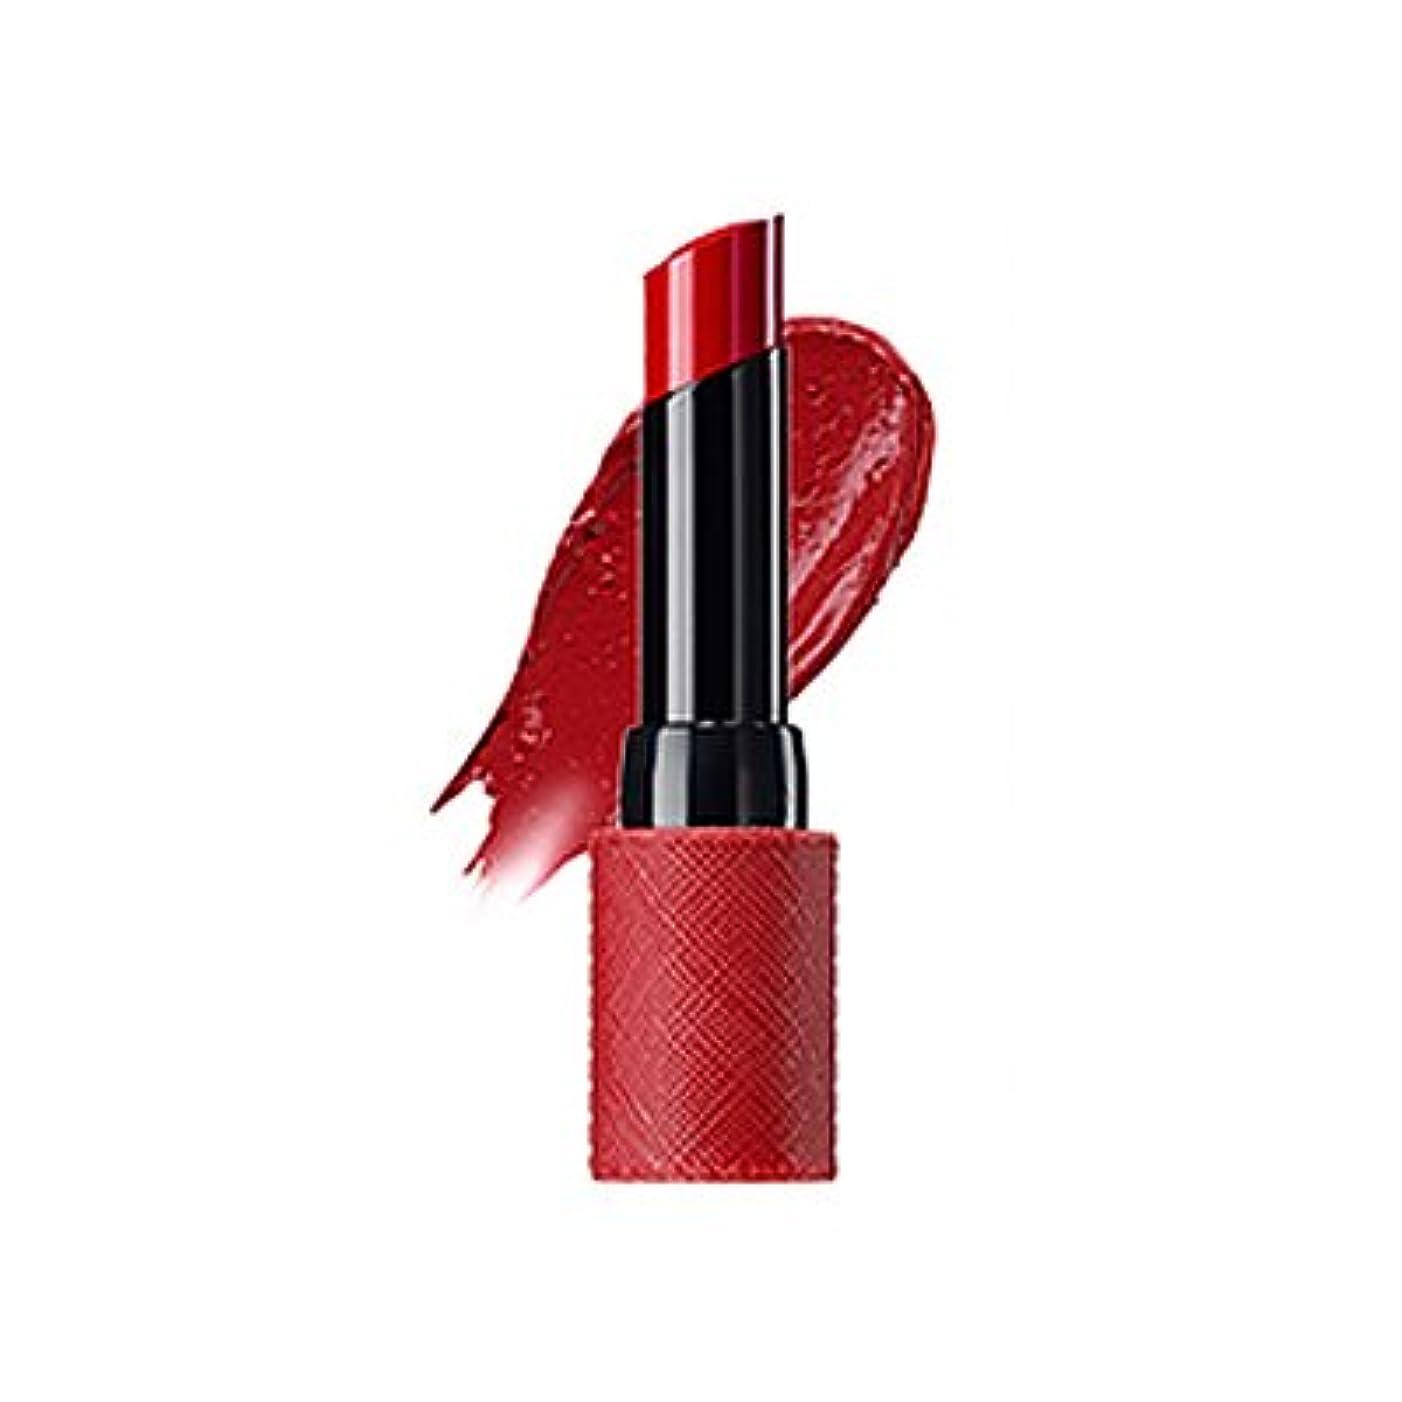 決めます急速なとにかくThe Saem Kissholic Lipstick S(RD02 Red Velvet) ザセムキスホリックリップスティック S [並行輸入品]